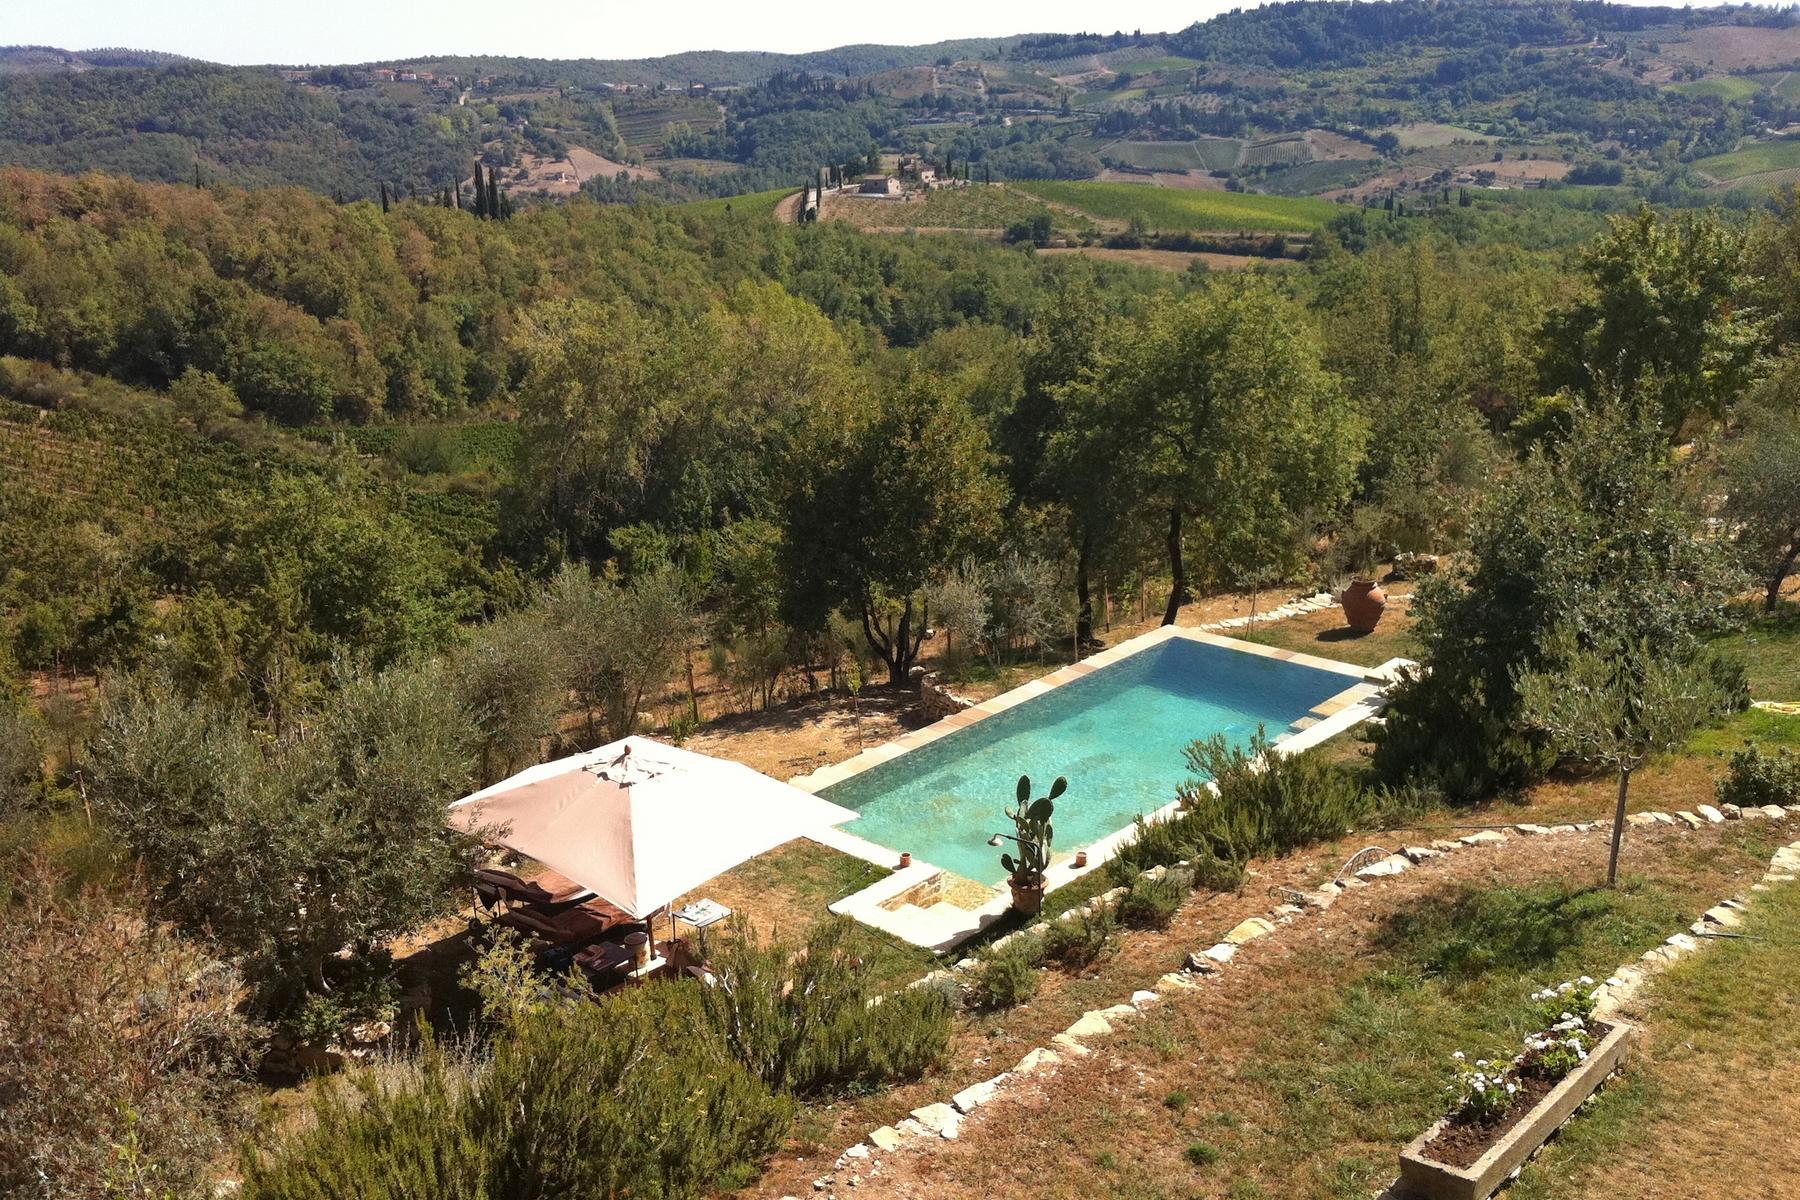 坐落于Chianti地区的绝美的农舍,且享有壮丽的景色和游泳池 - 4